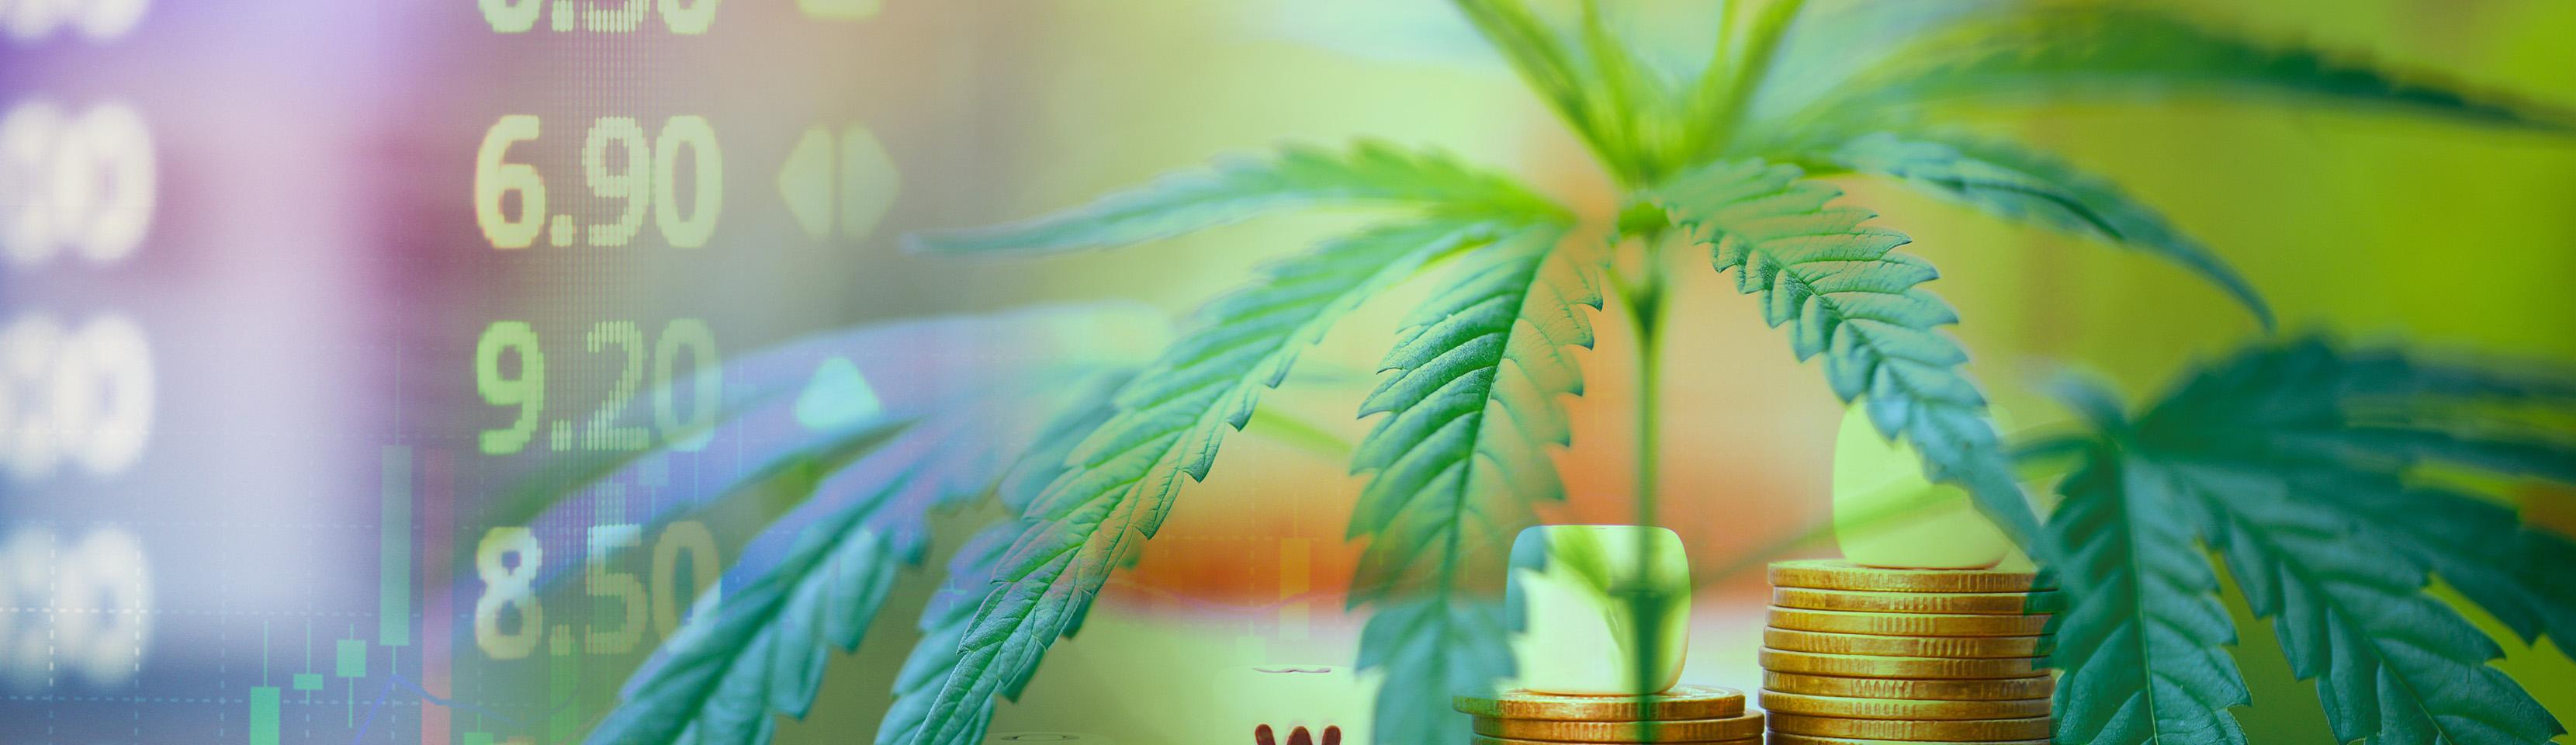 How Cannabis Companies Can Shield Their Trade Secrets